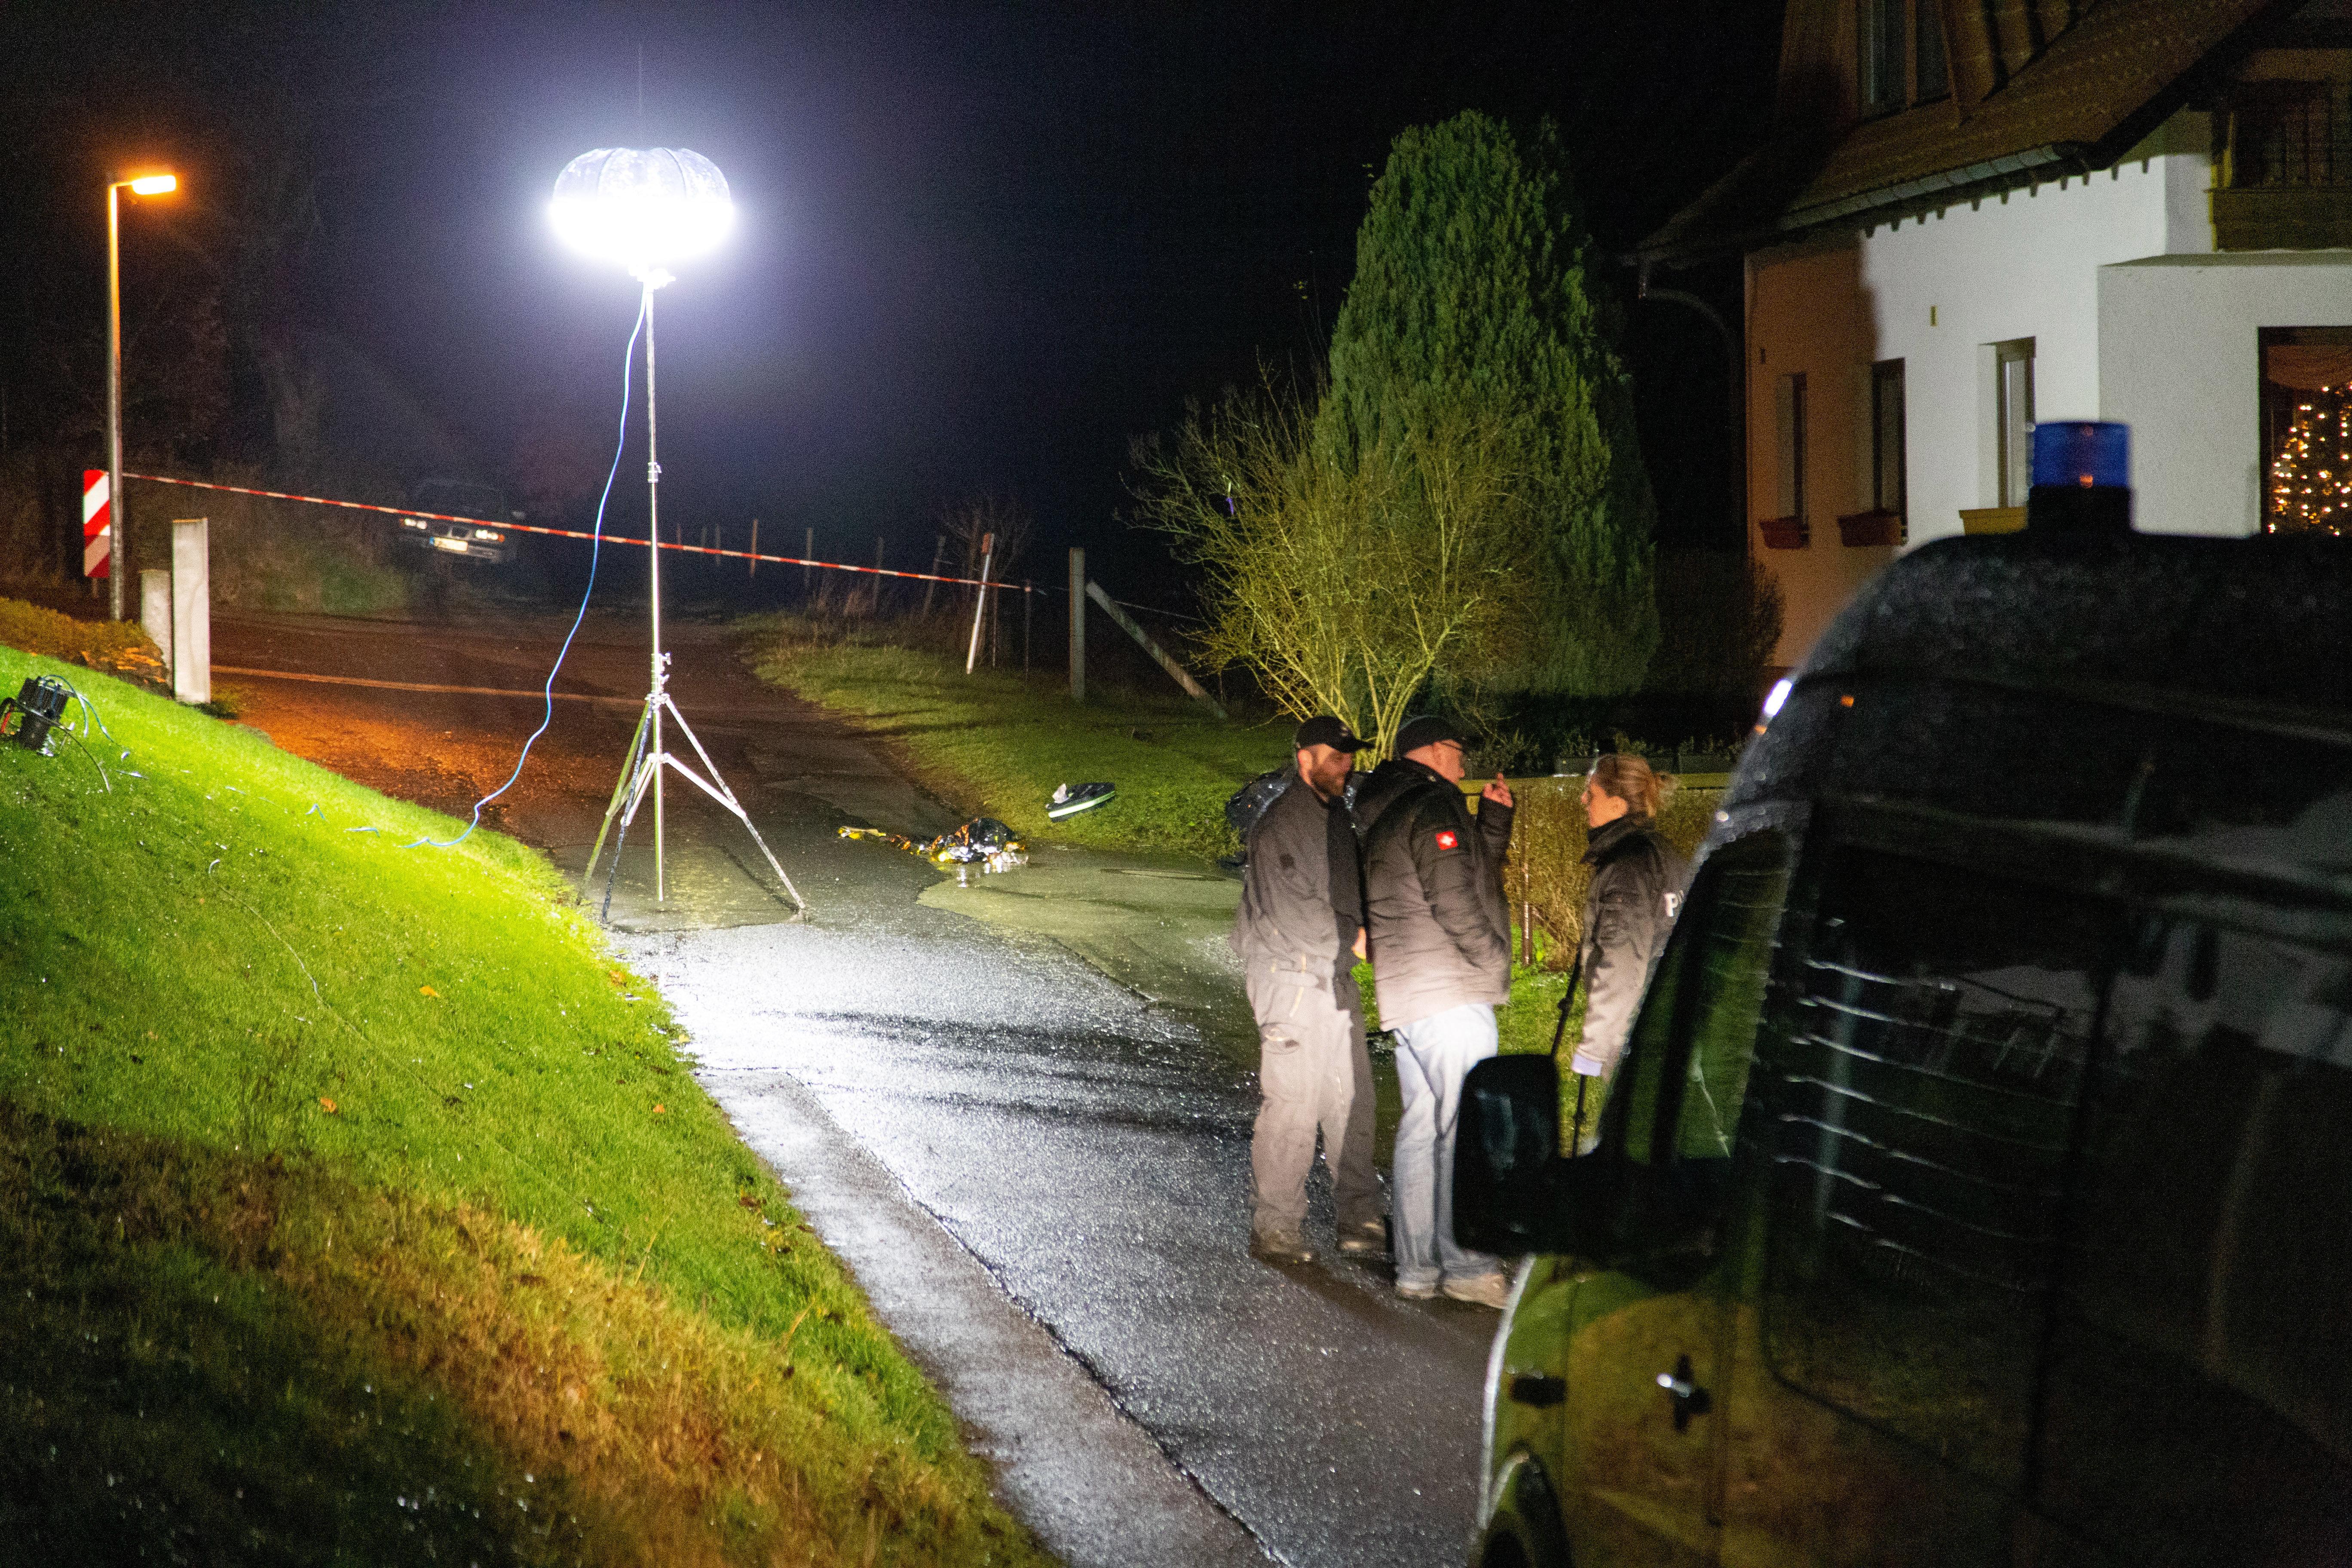 Thüringen, Rosa: Einsatzkräfte der Polizei sind nach einer Schießerei im Einsatz.